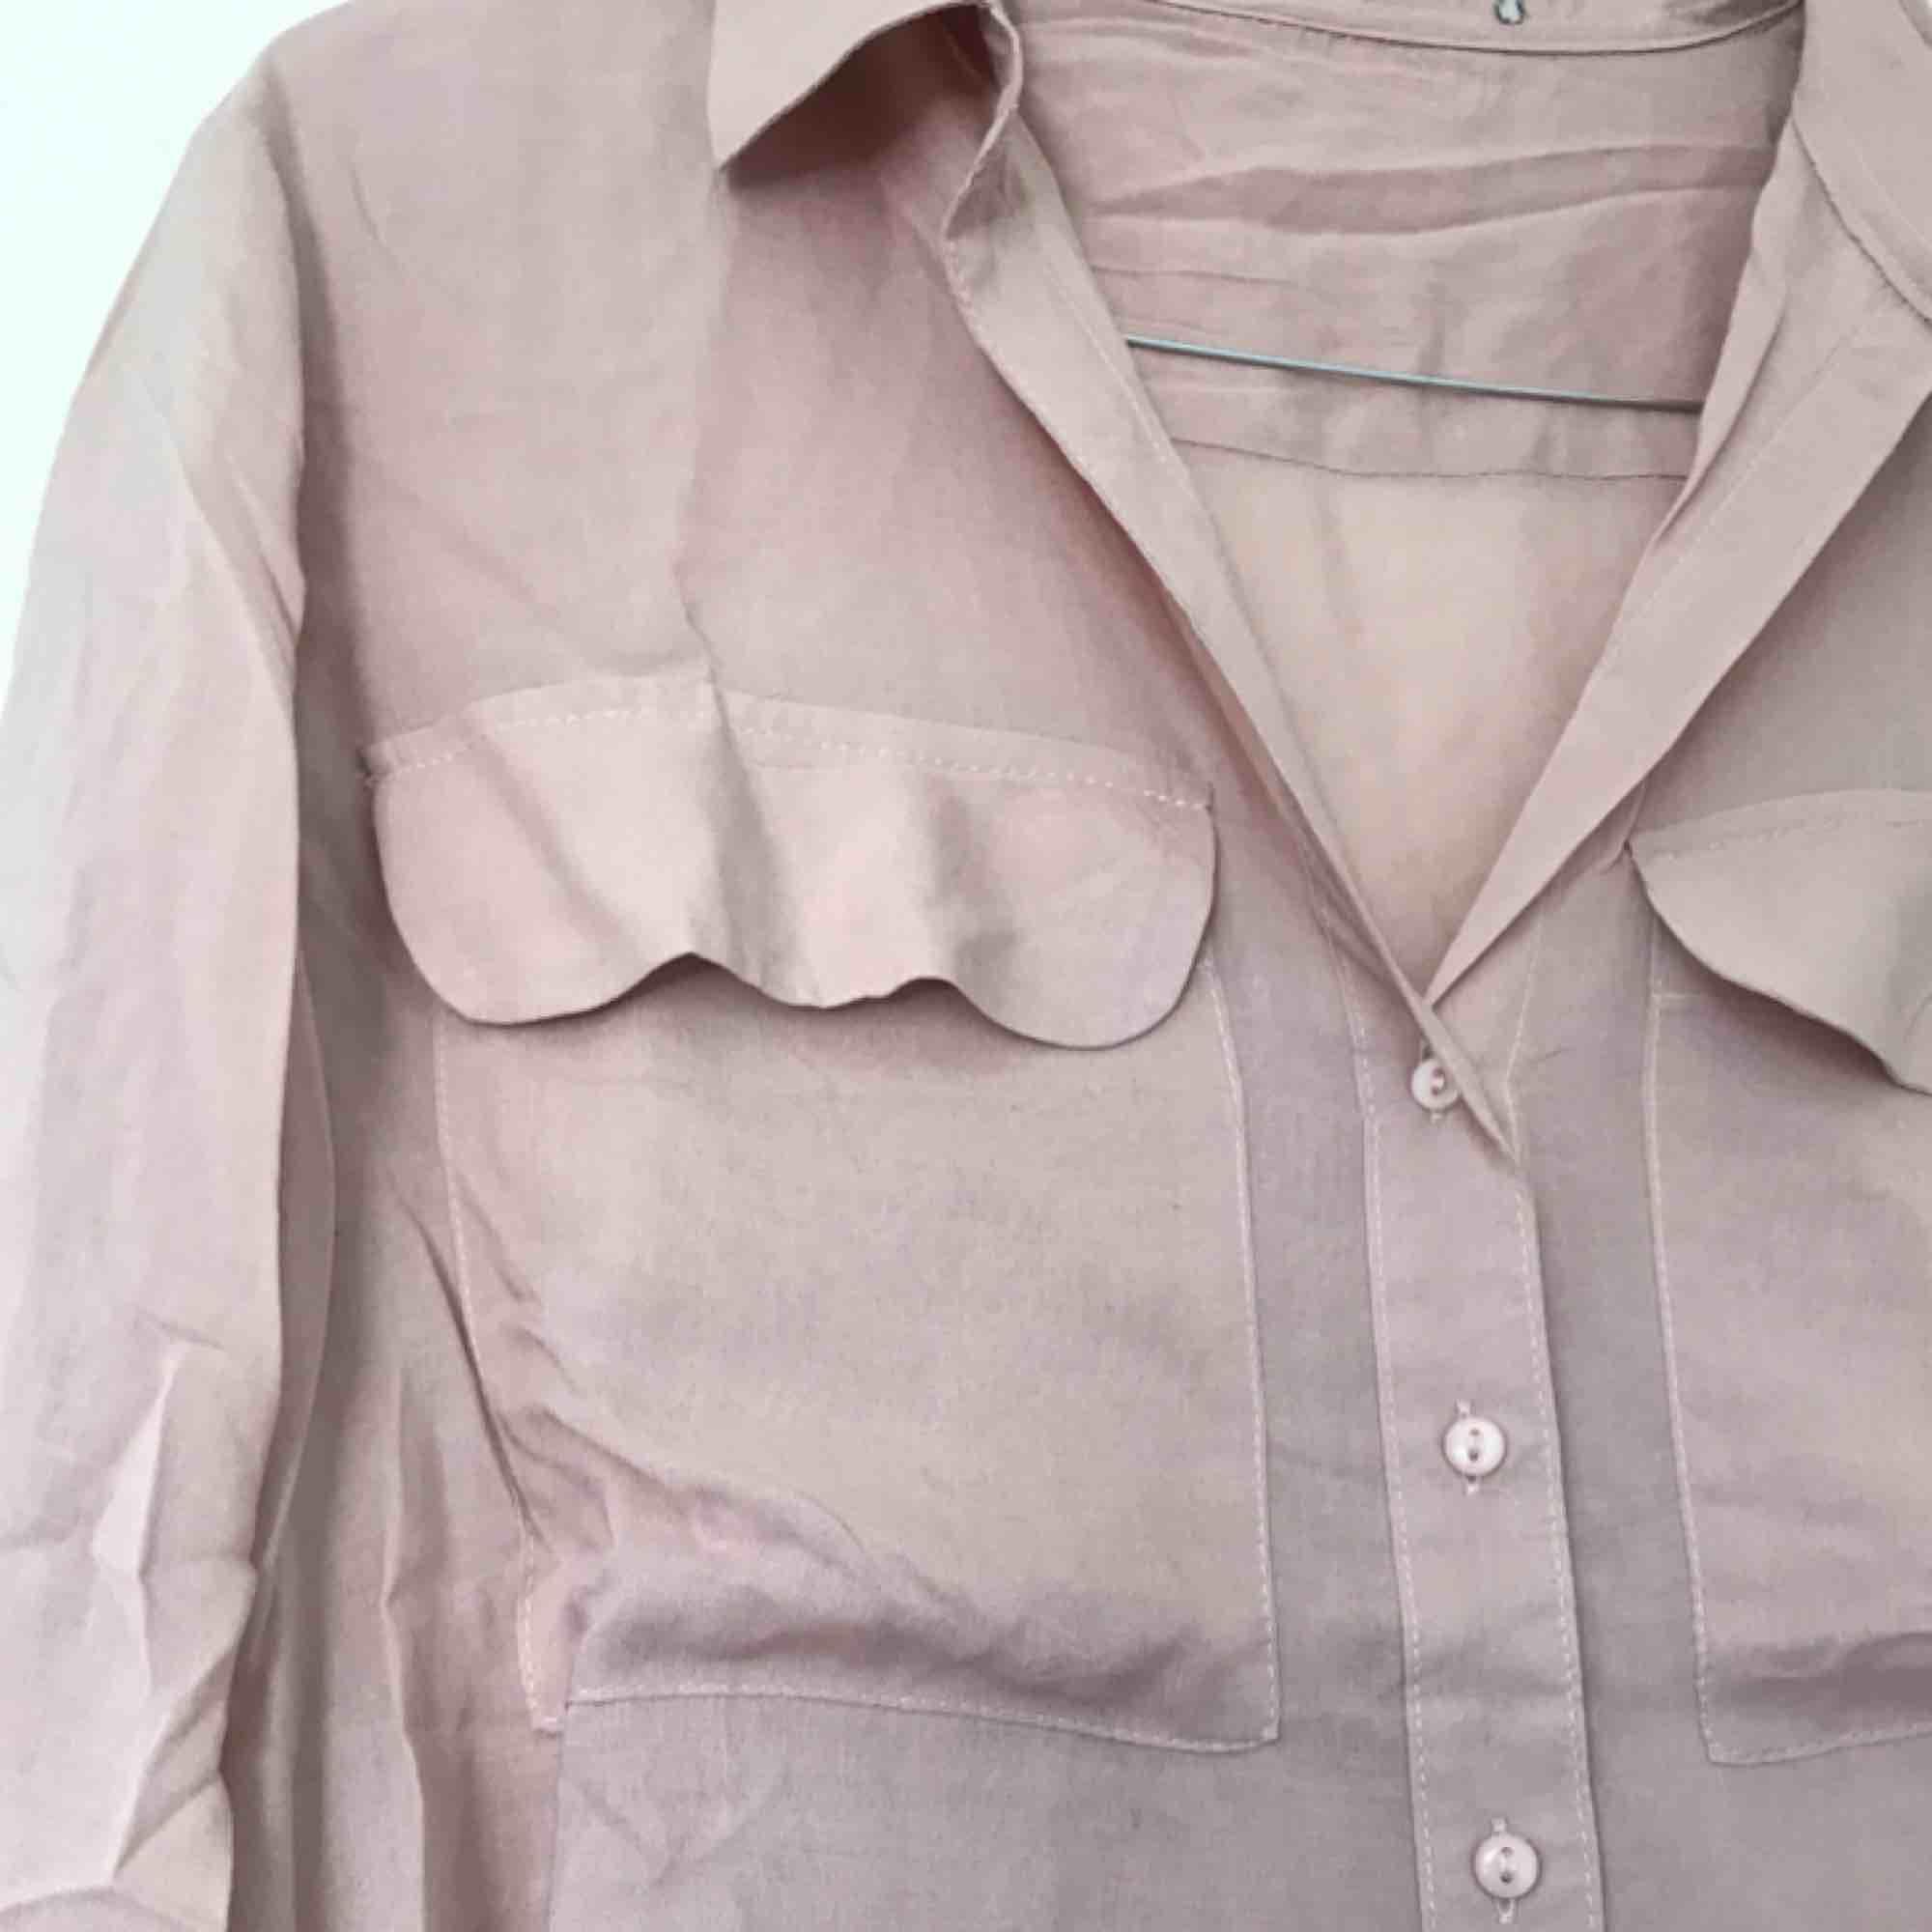 Superfin puderrosa skjorta, aldrig kommit till användning, endast skrynklig pga legat i en byrålåda annars i perfekt skick.  💘. Skjortor.